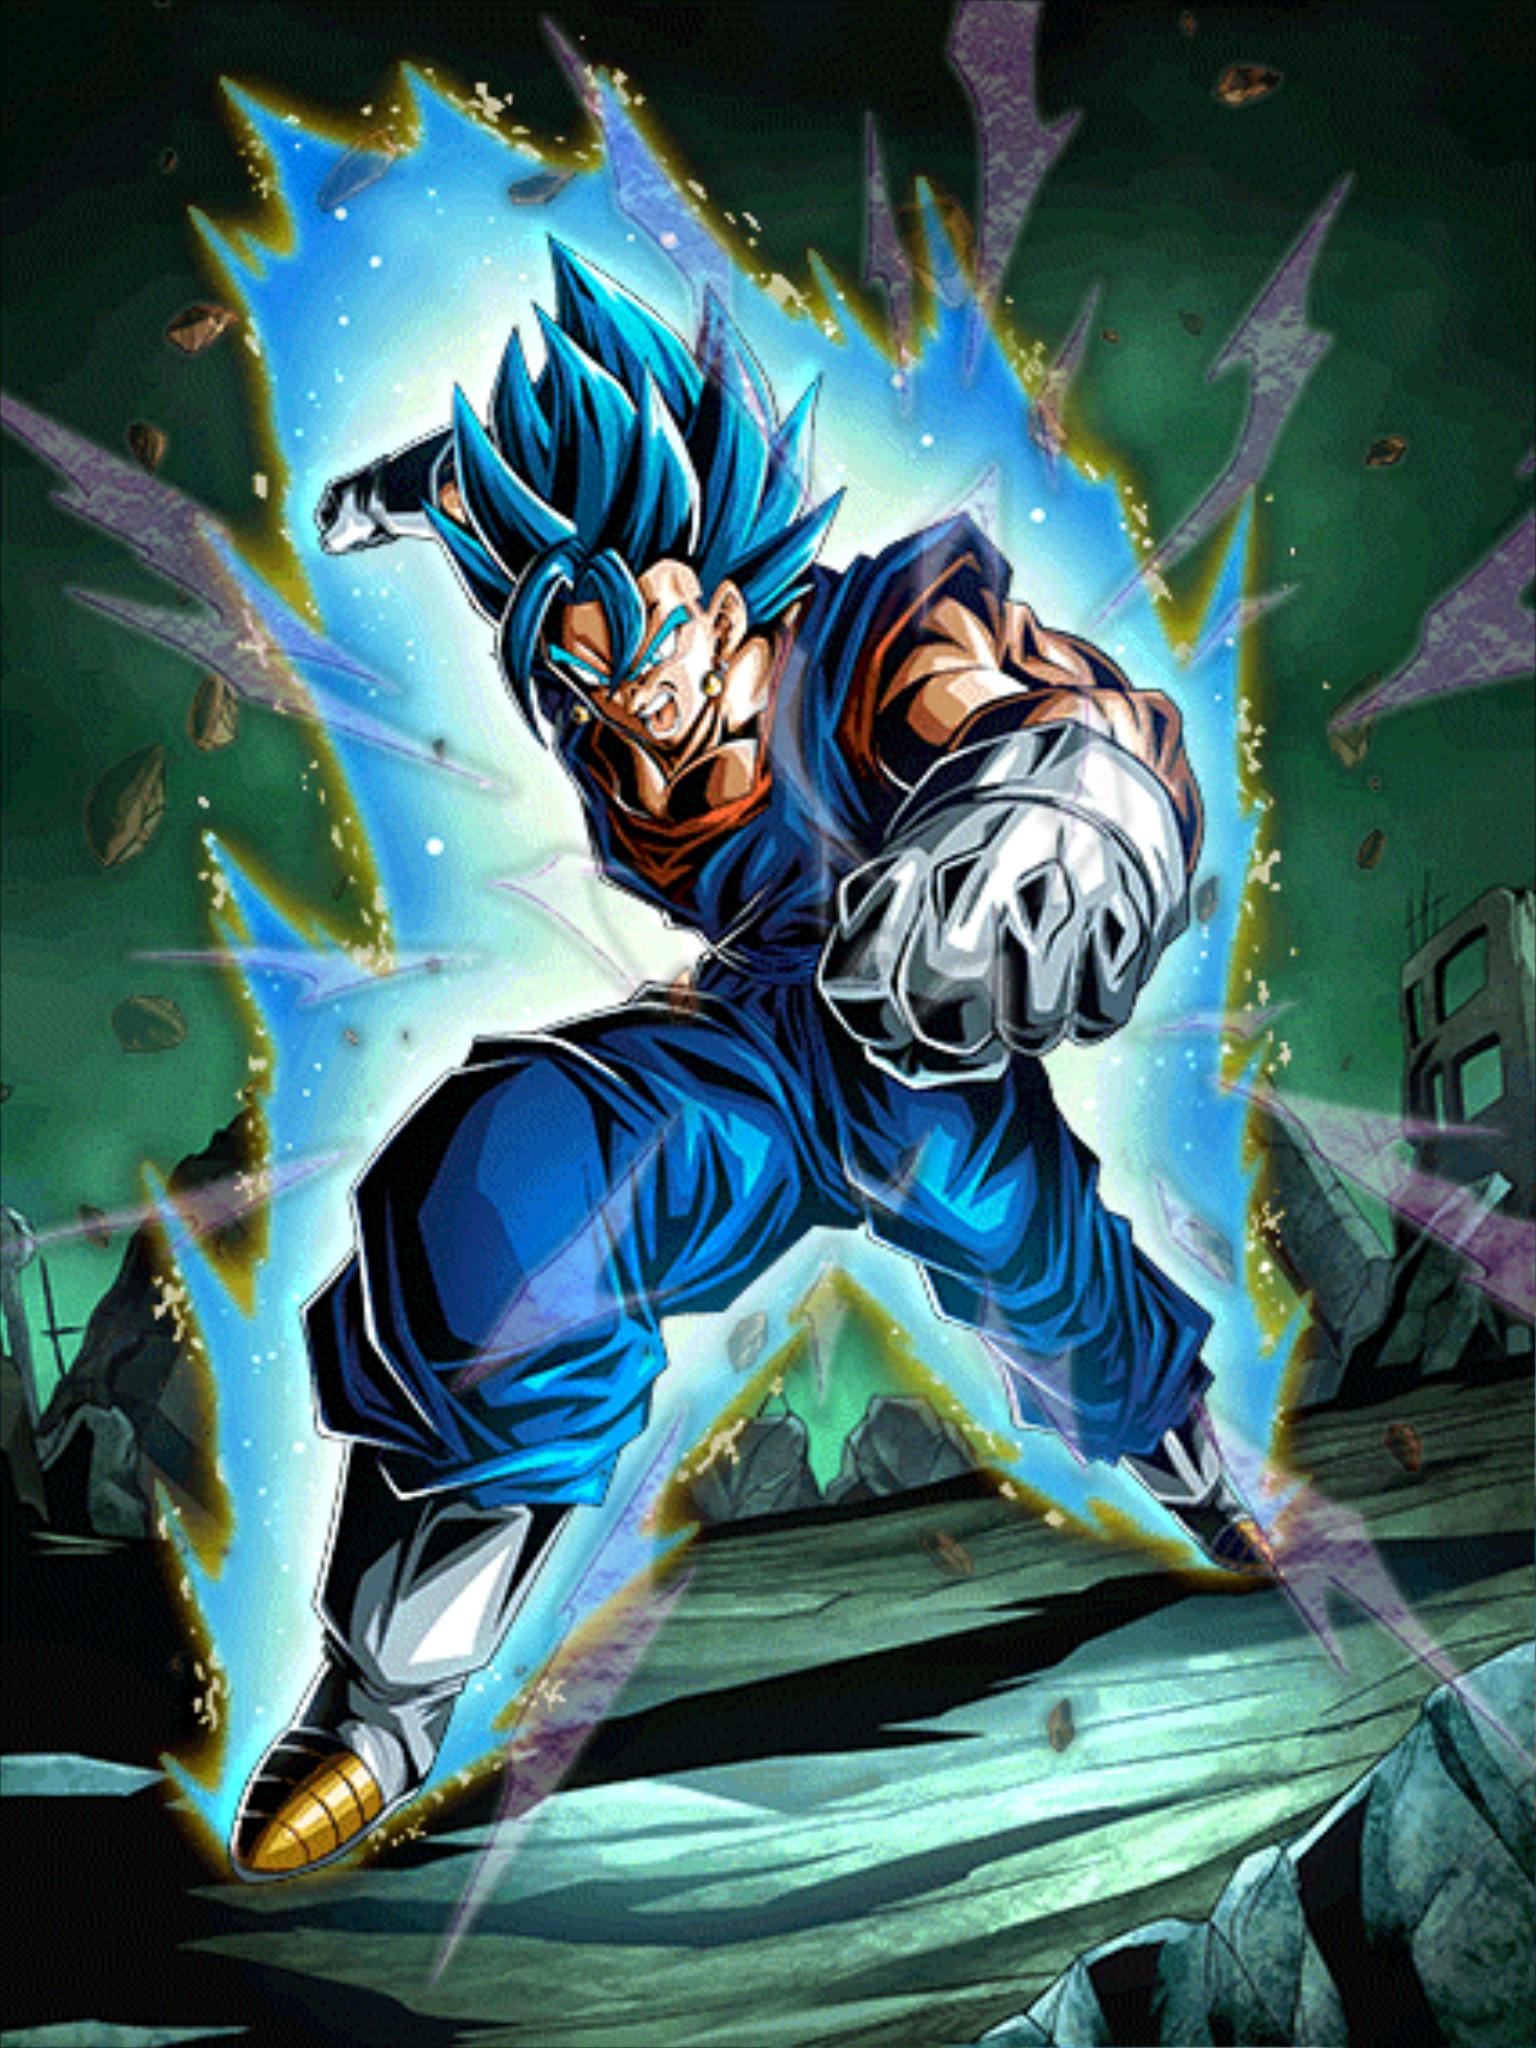 ドッカンバトル ベジット ドラゴンボールz ドッカンバトル Goku Y